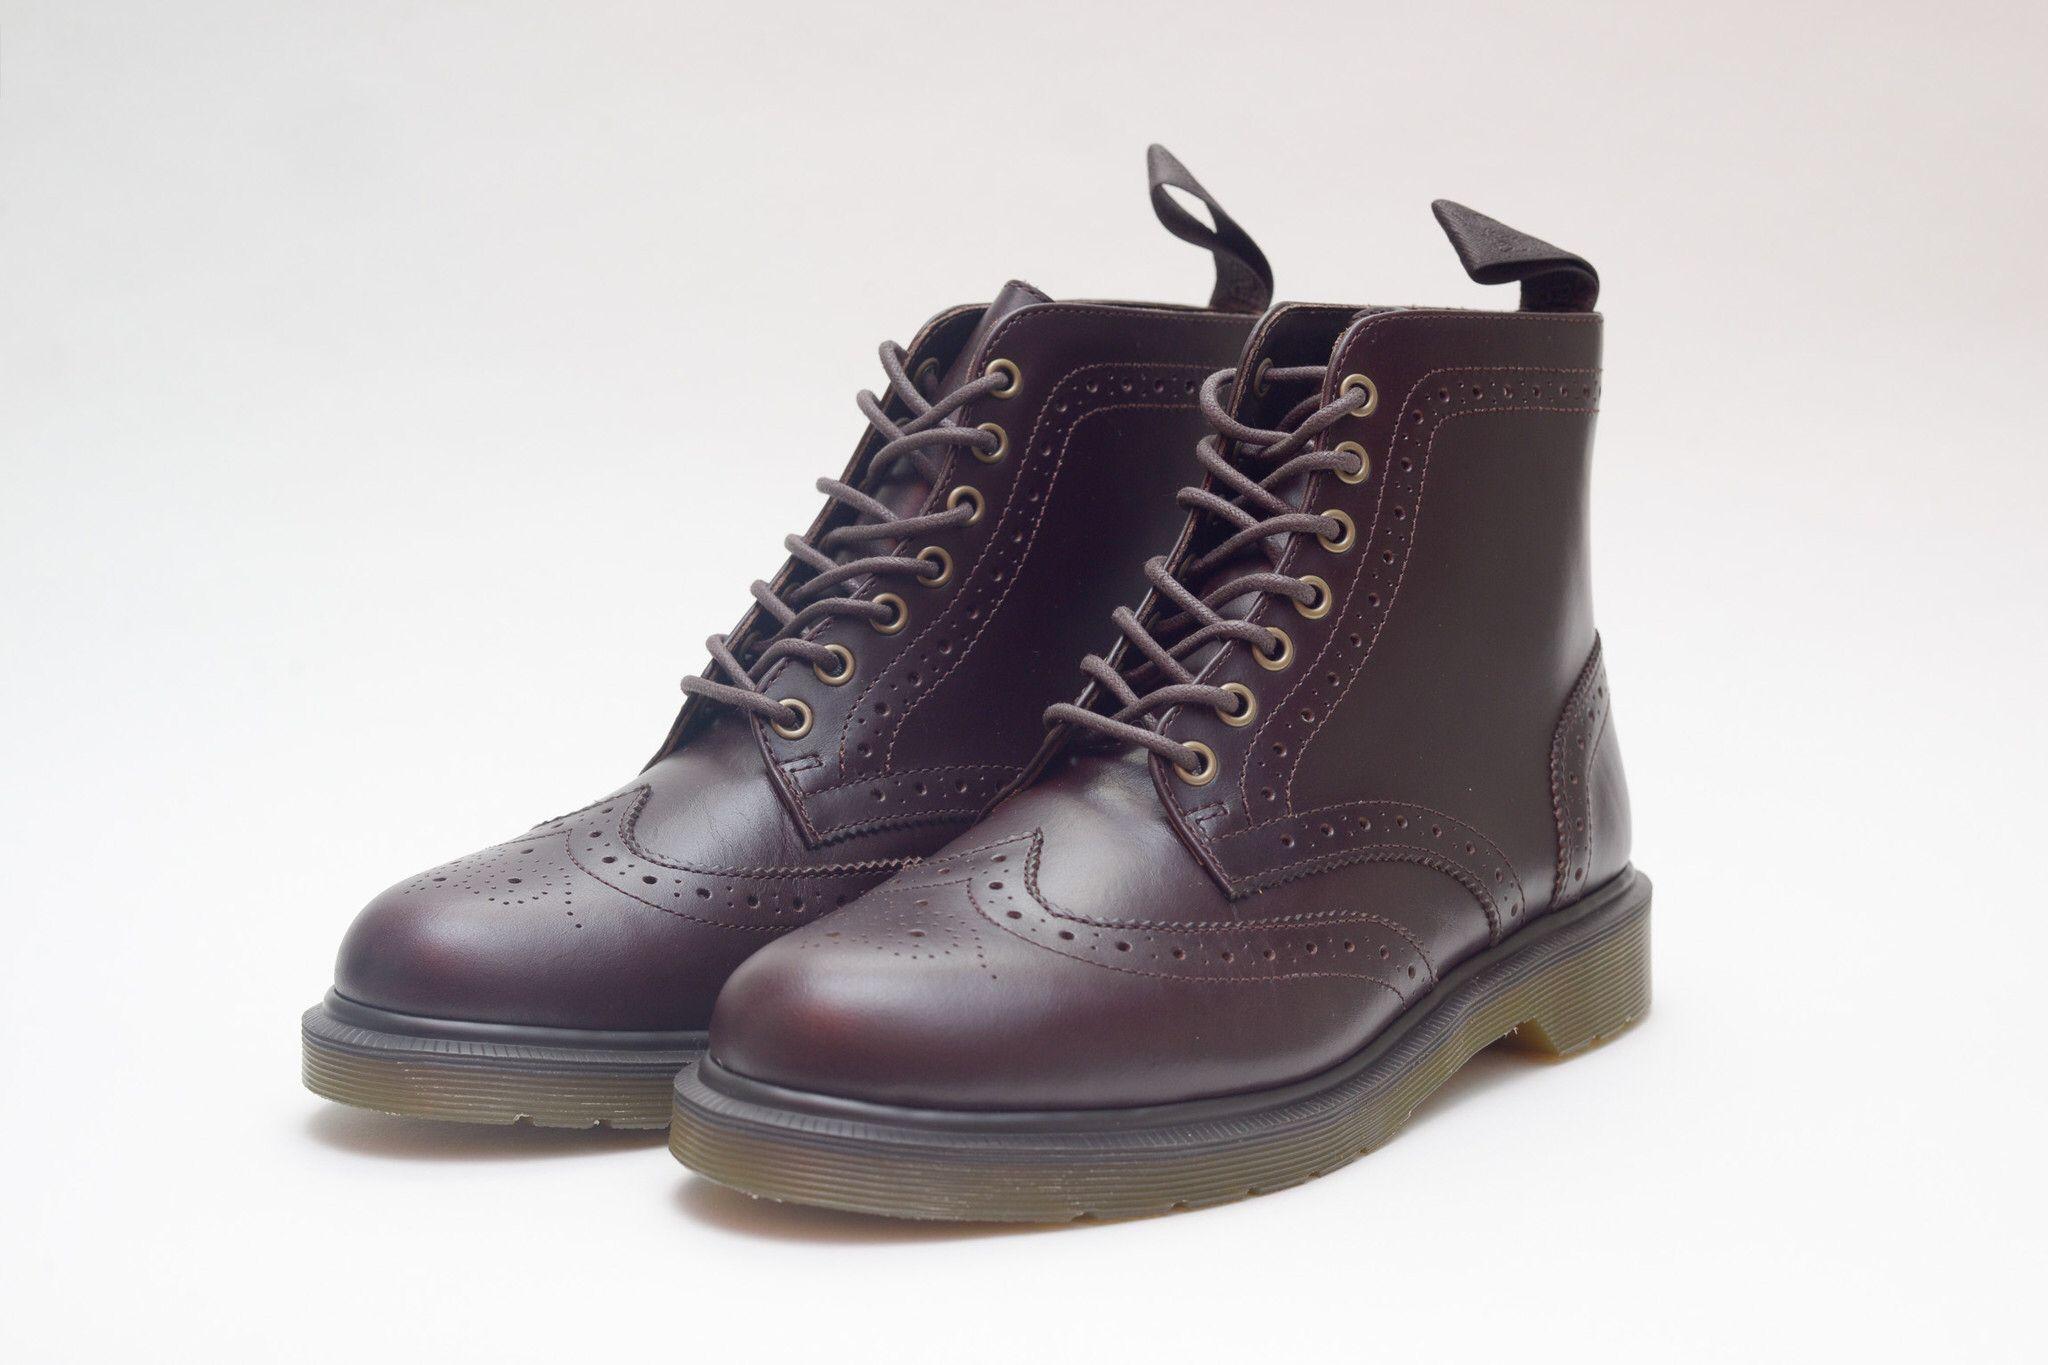 Dr Martens Affleck Brogue Boots   Dr Martens   Pinterest   Dr ... 8af1174556ae